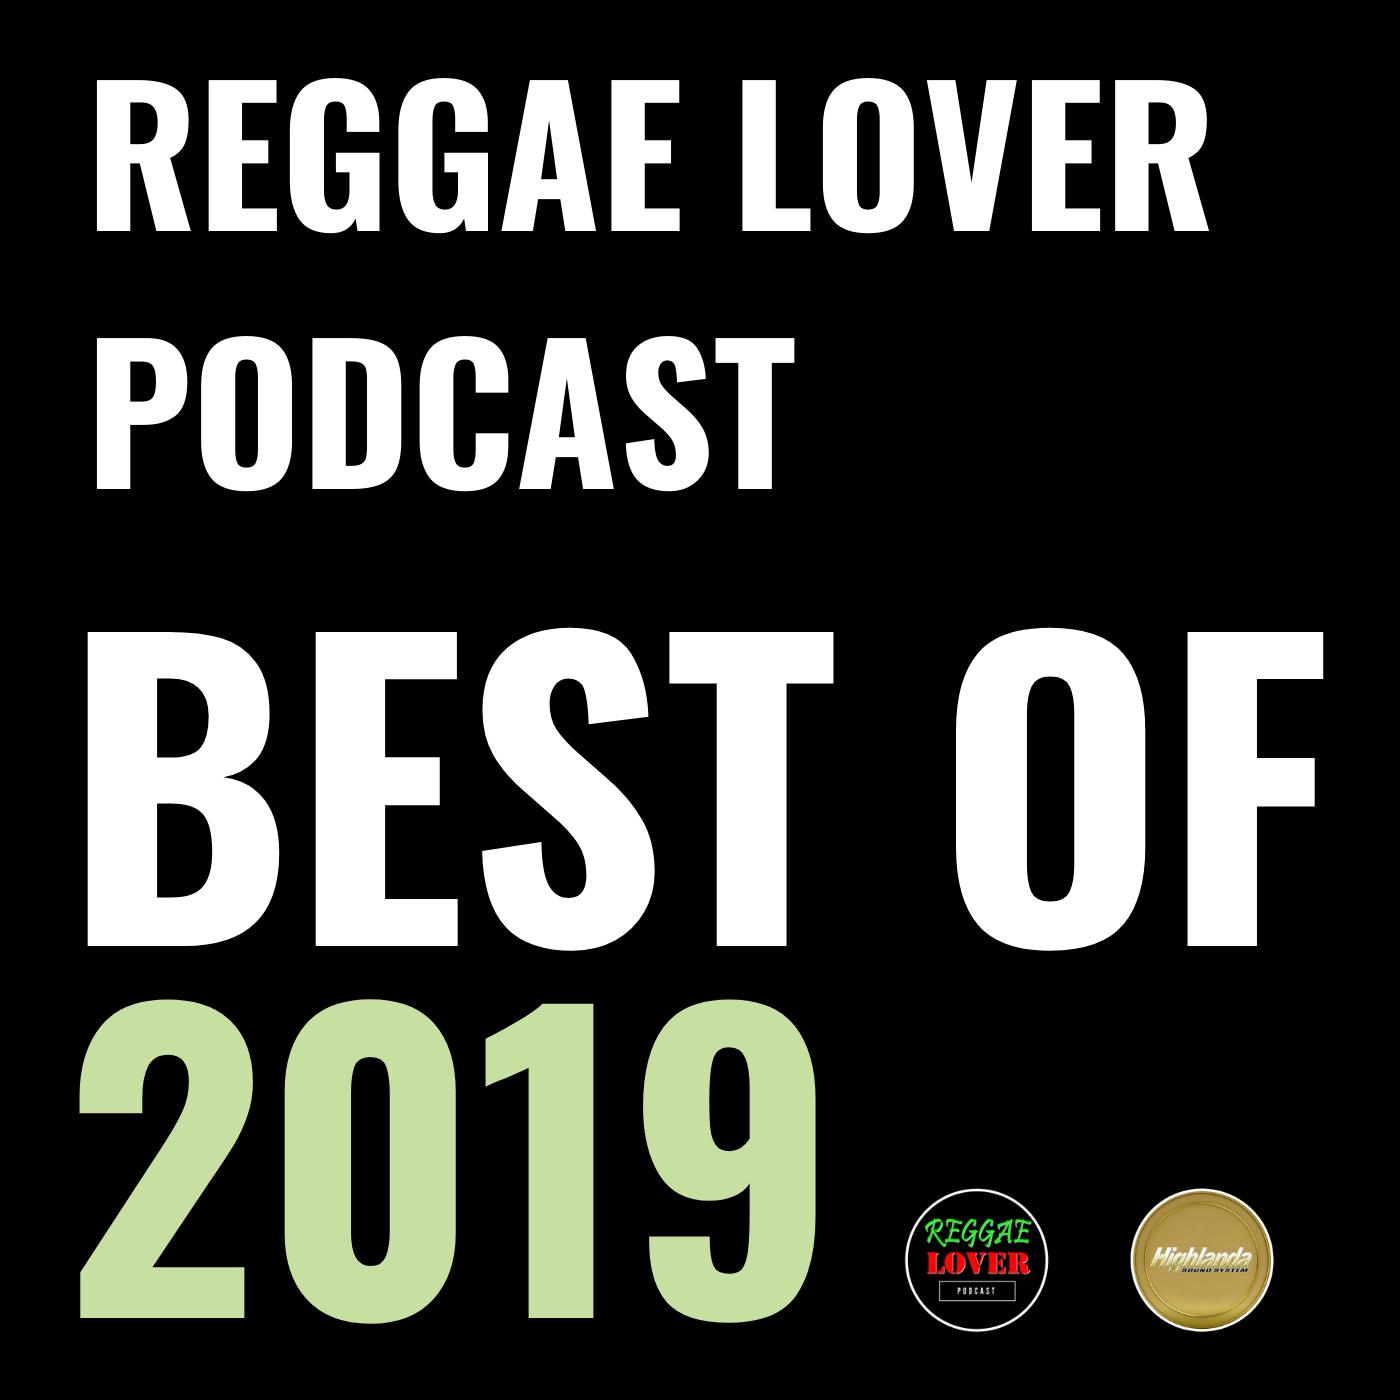 Podcast cover image: reggae lover